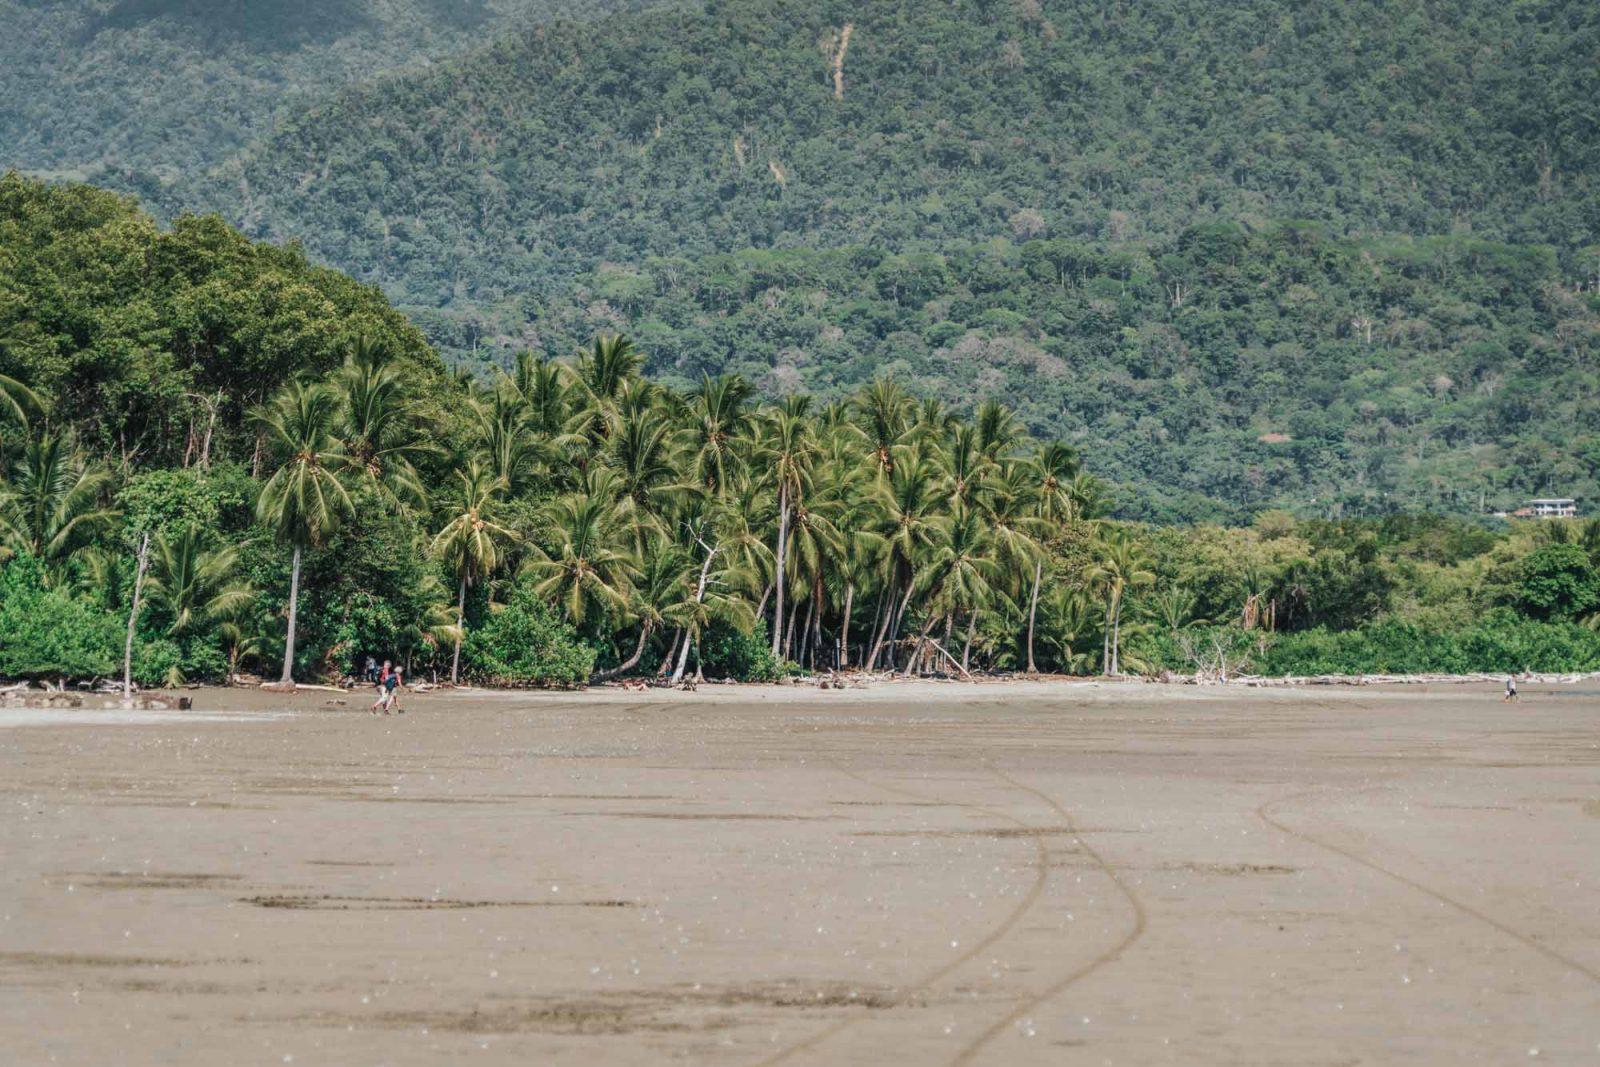 Best beaches in Costa Rica: Playa Uvita